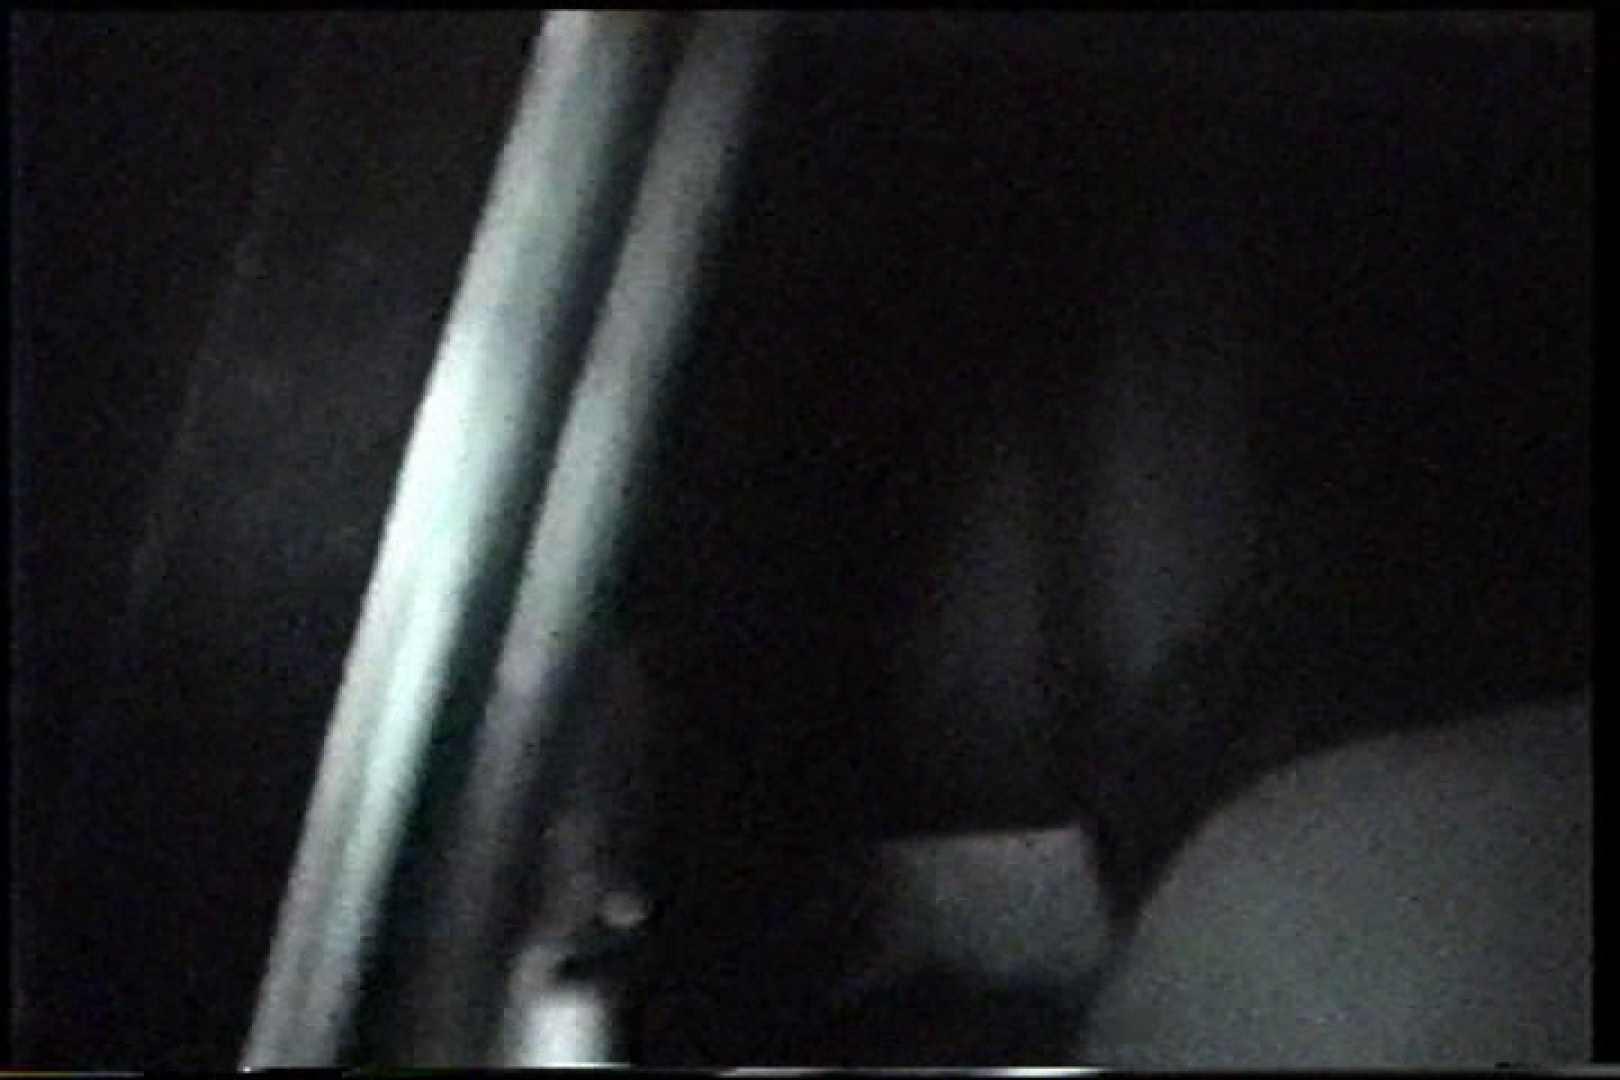 充血監督の深夜の運動会Vol.215 おっぱい 盗撮画像 100画像 87